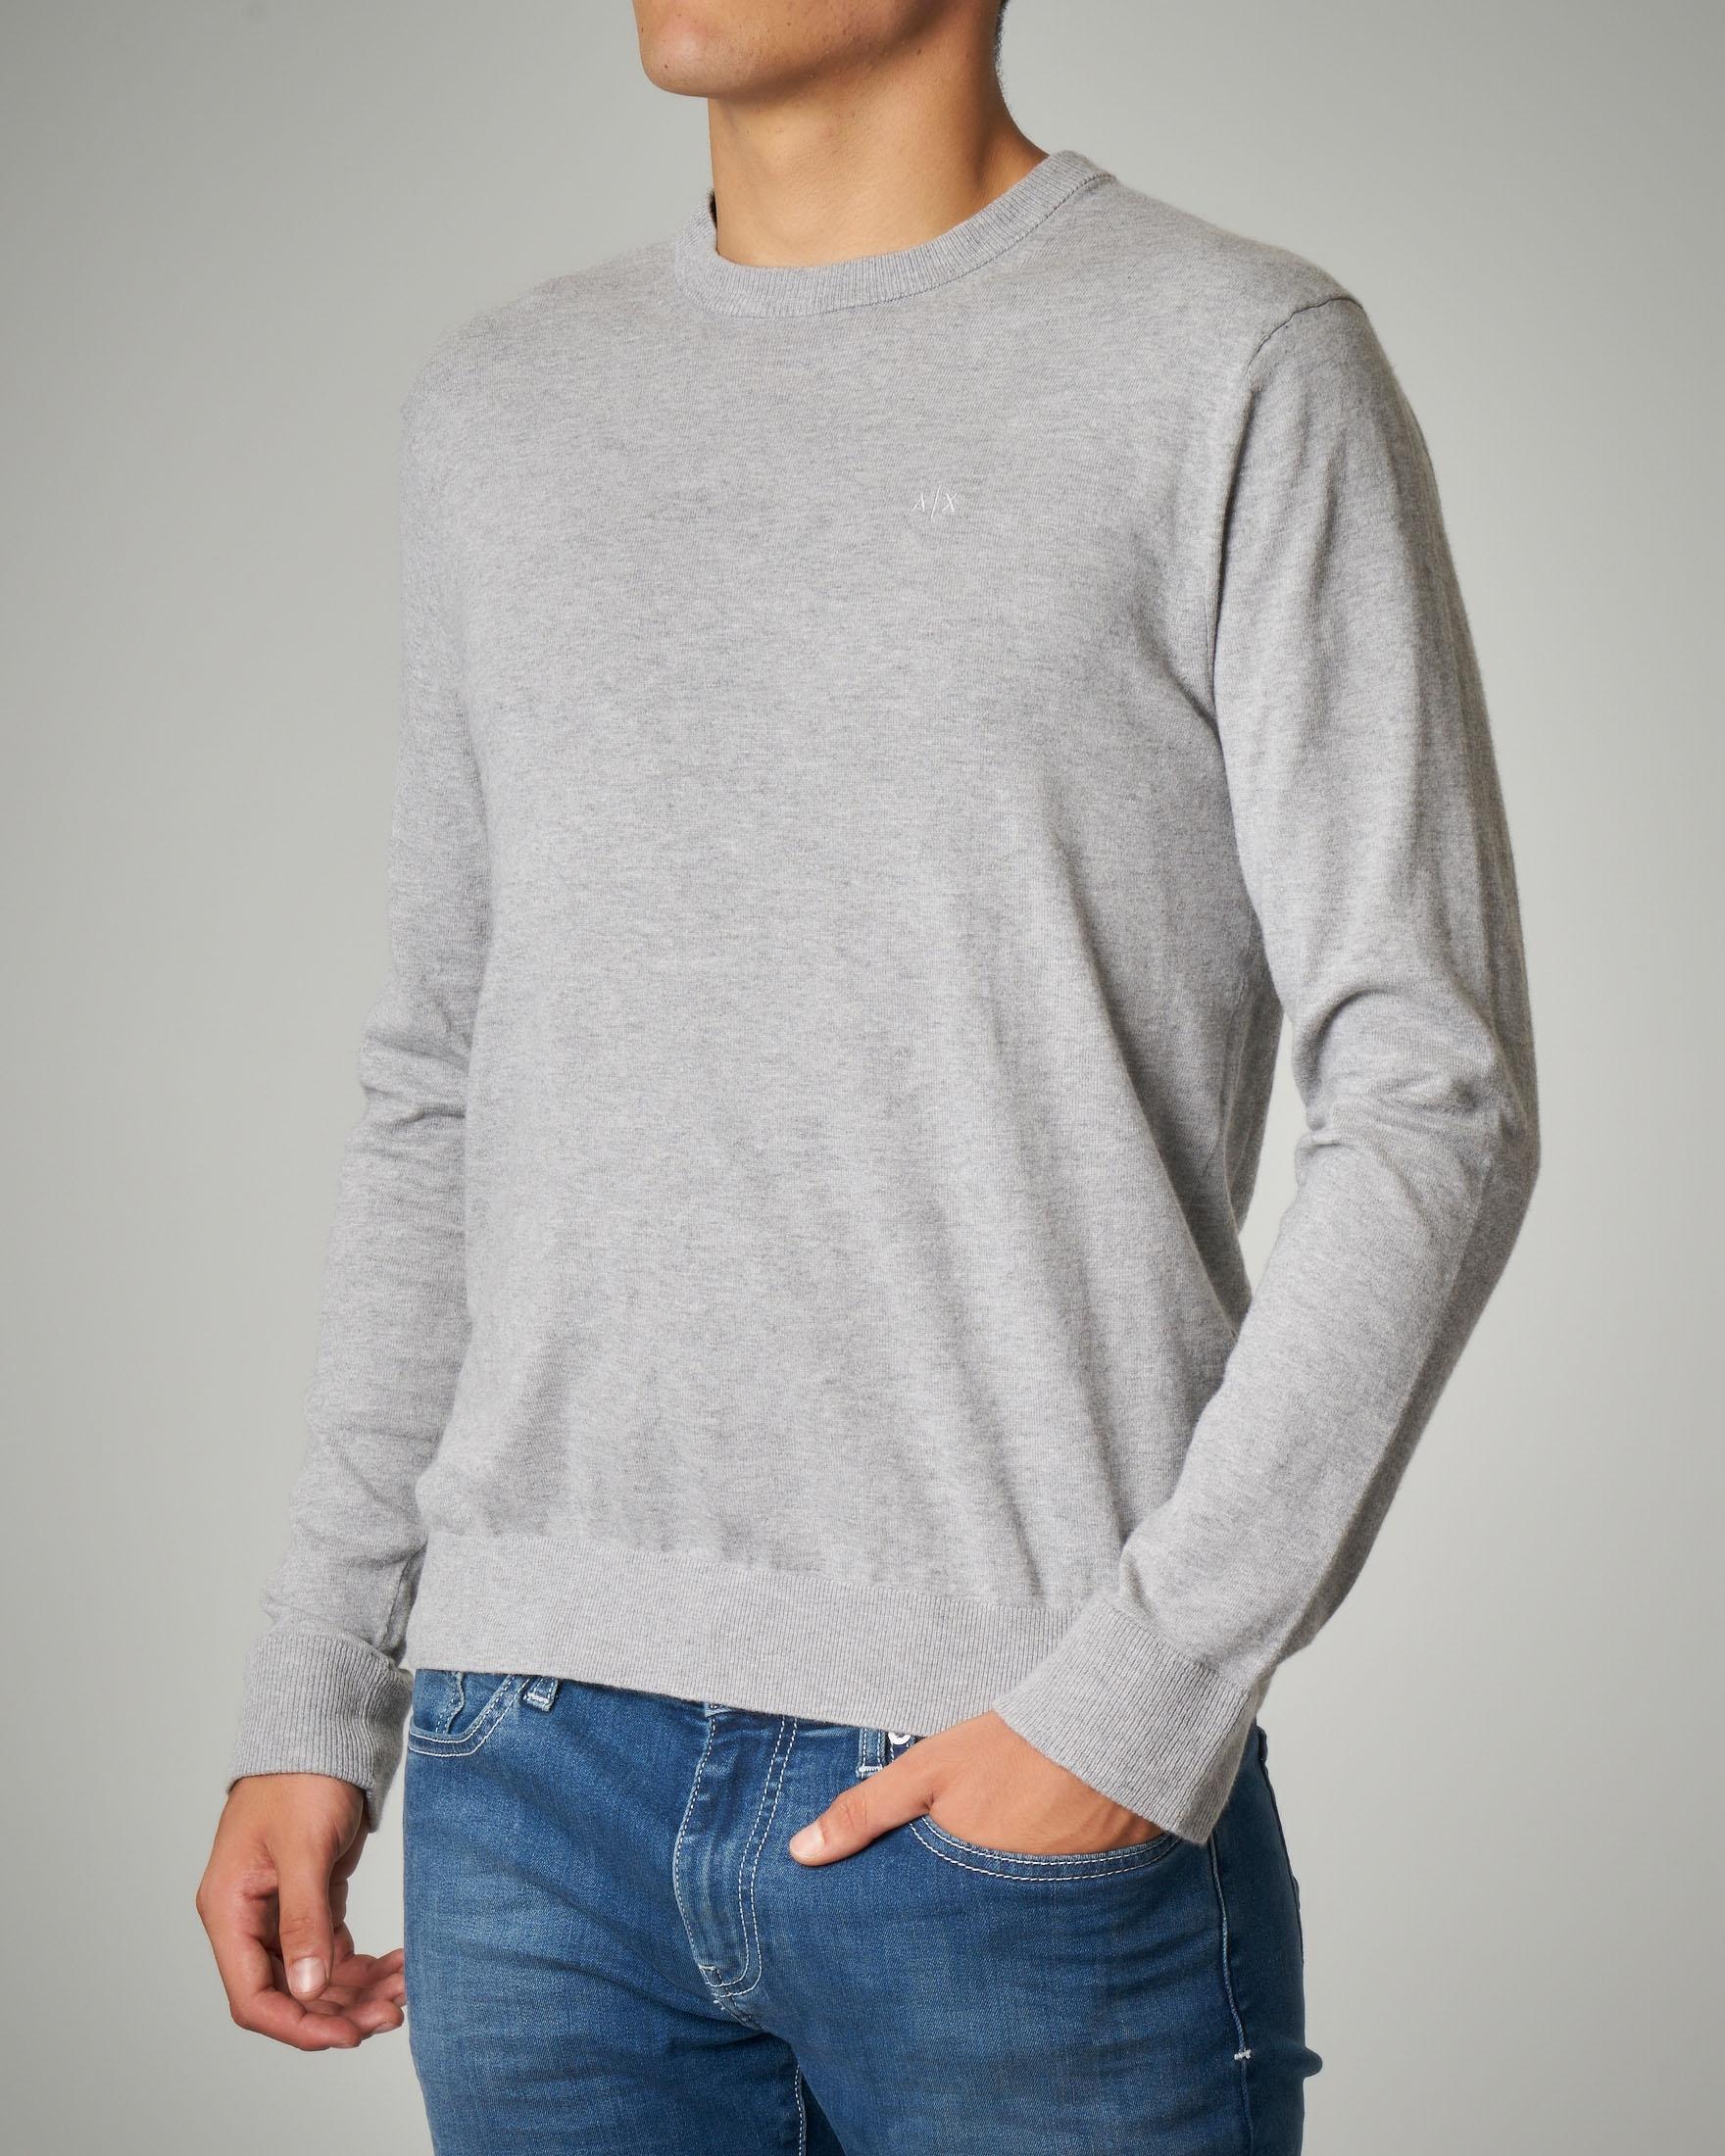 Maglia grigio chiaro girocollo in cotone e cachemire